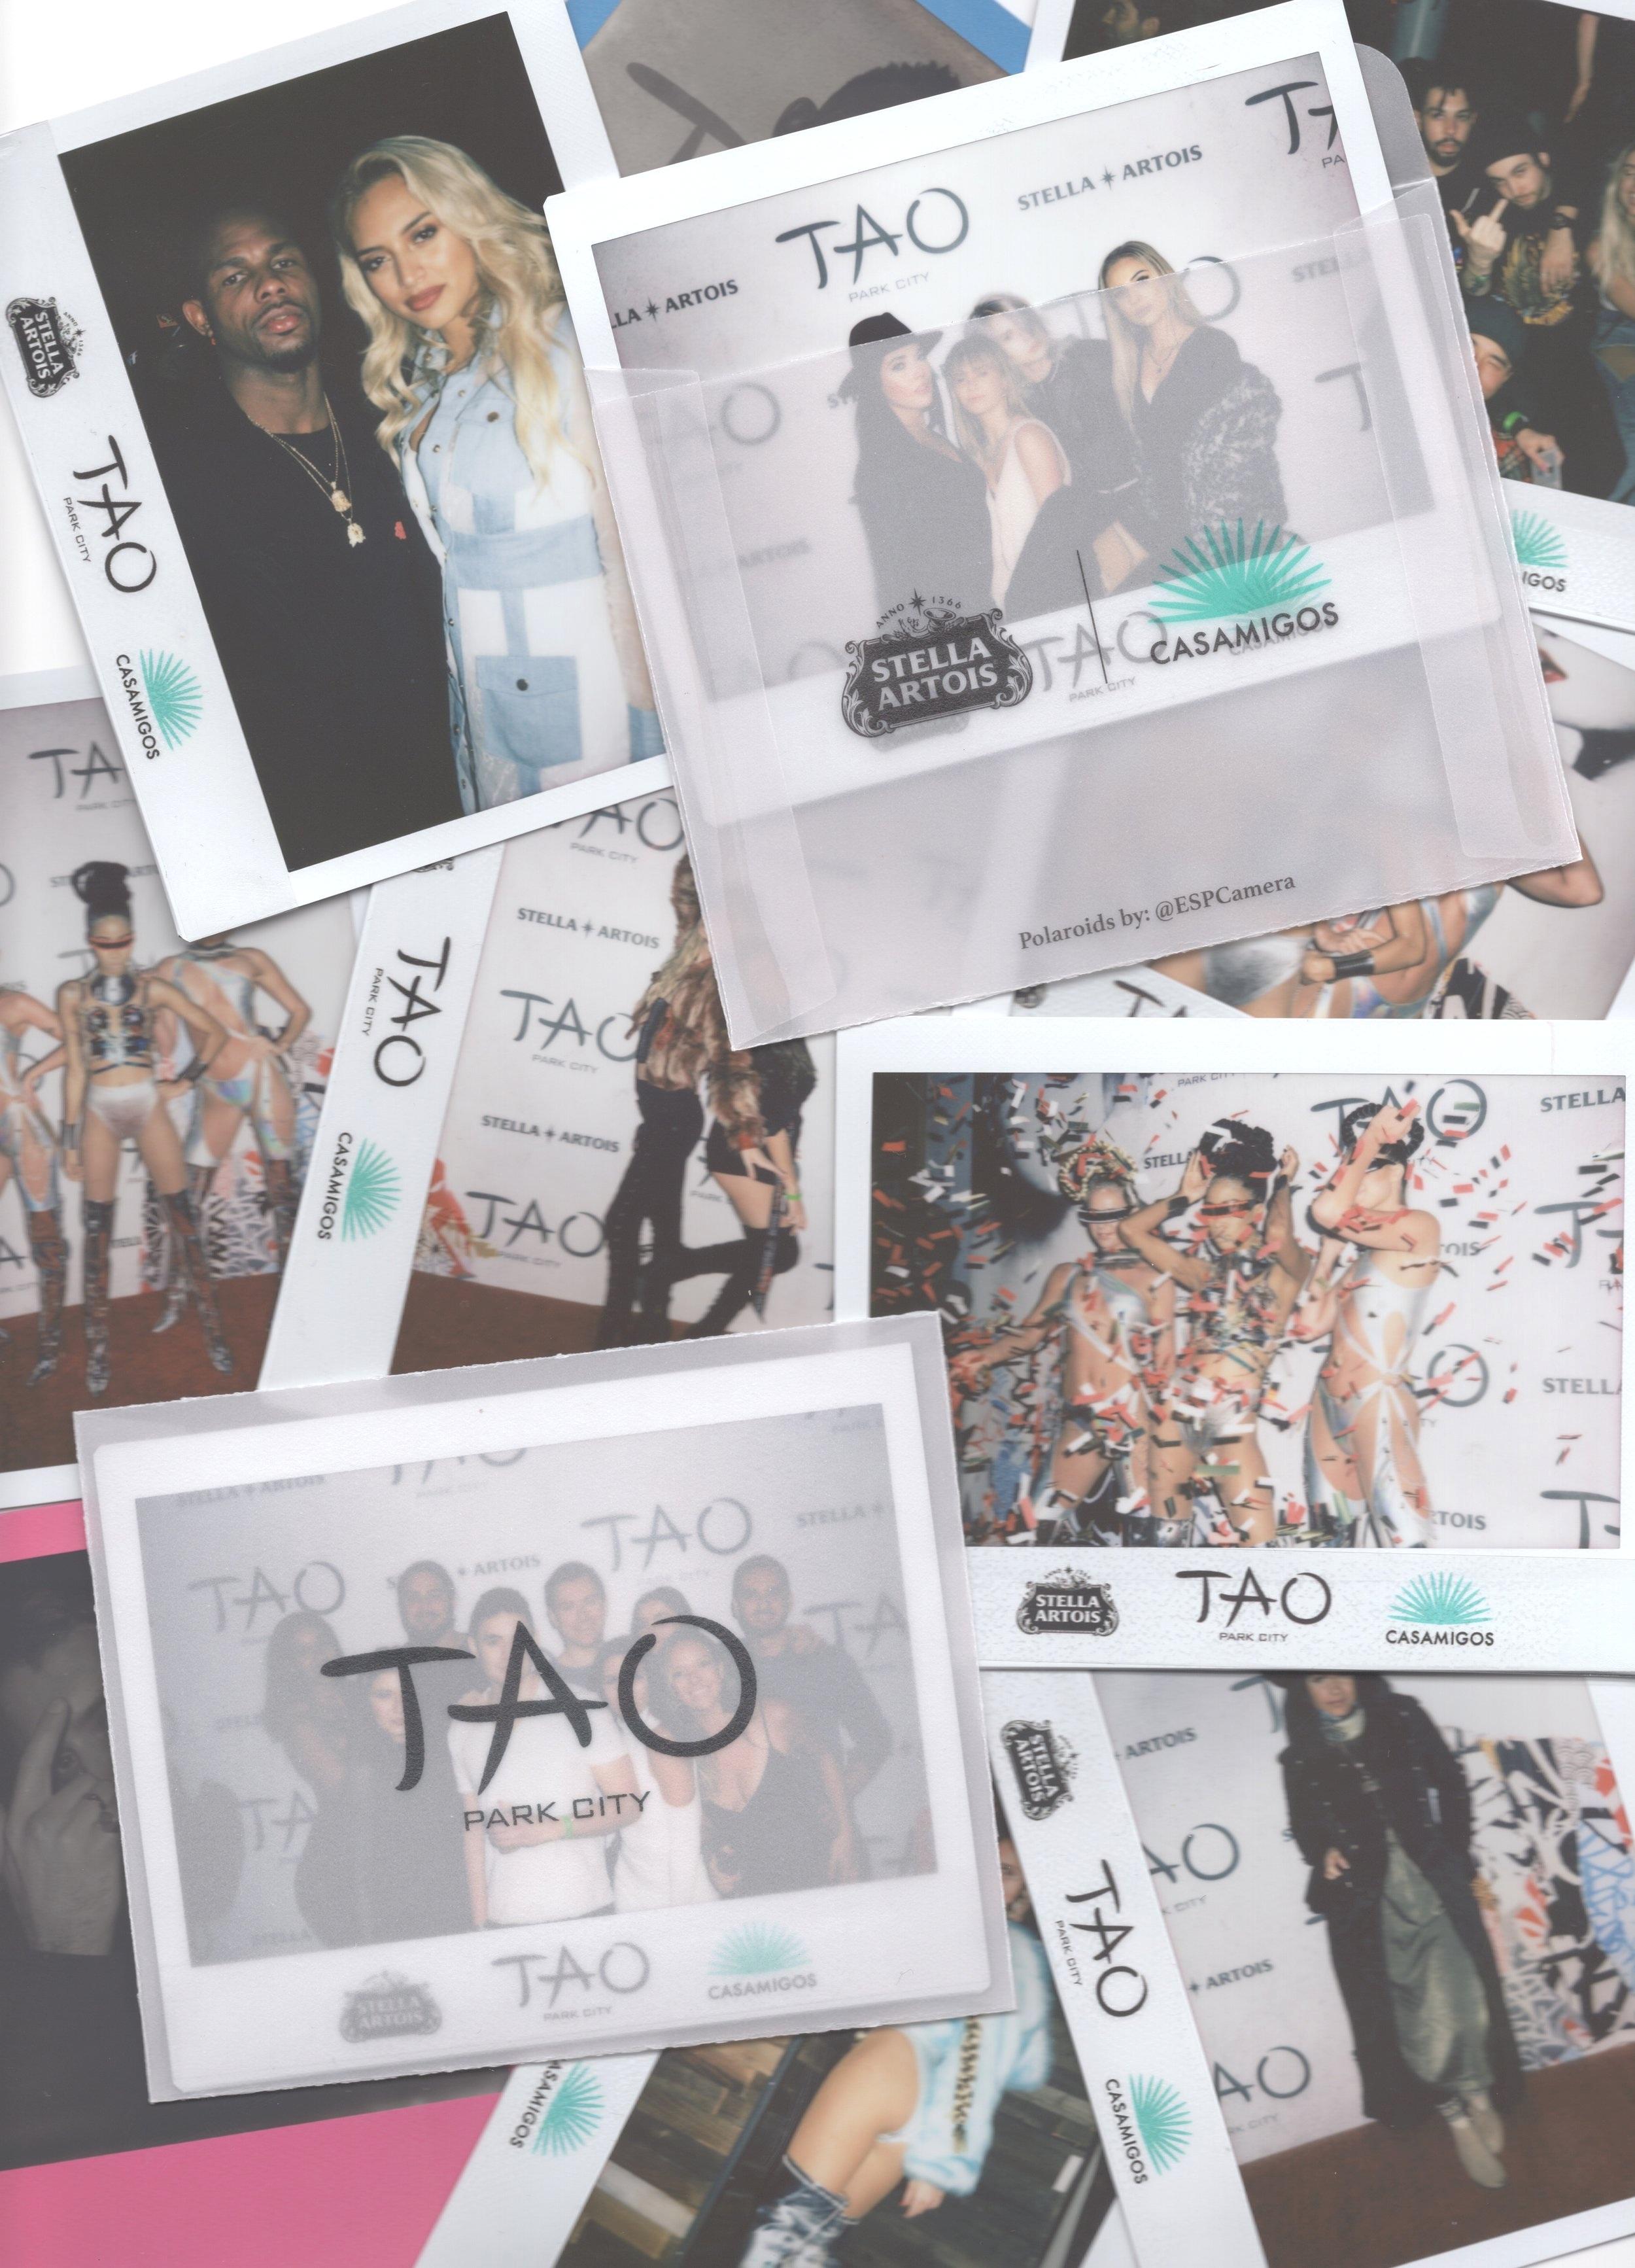 Tao Group | Casamigos